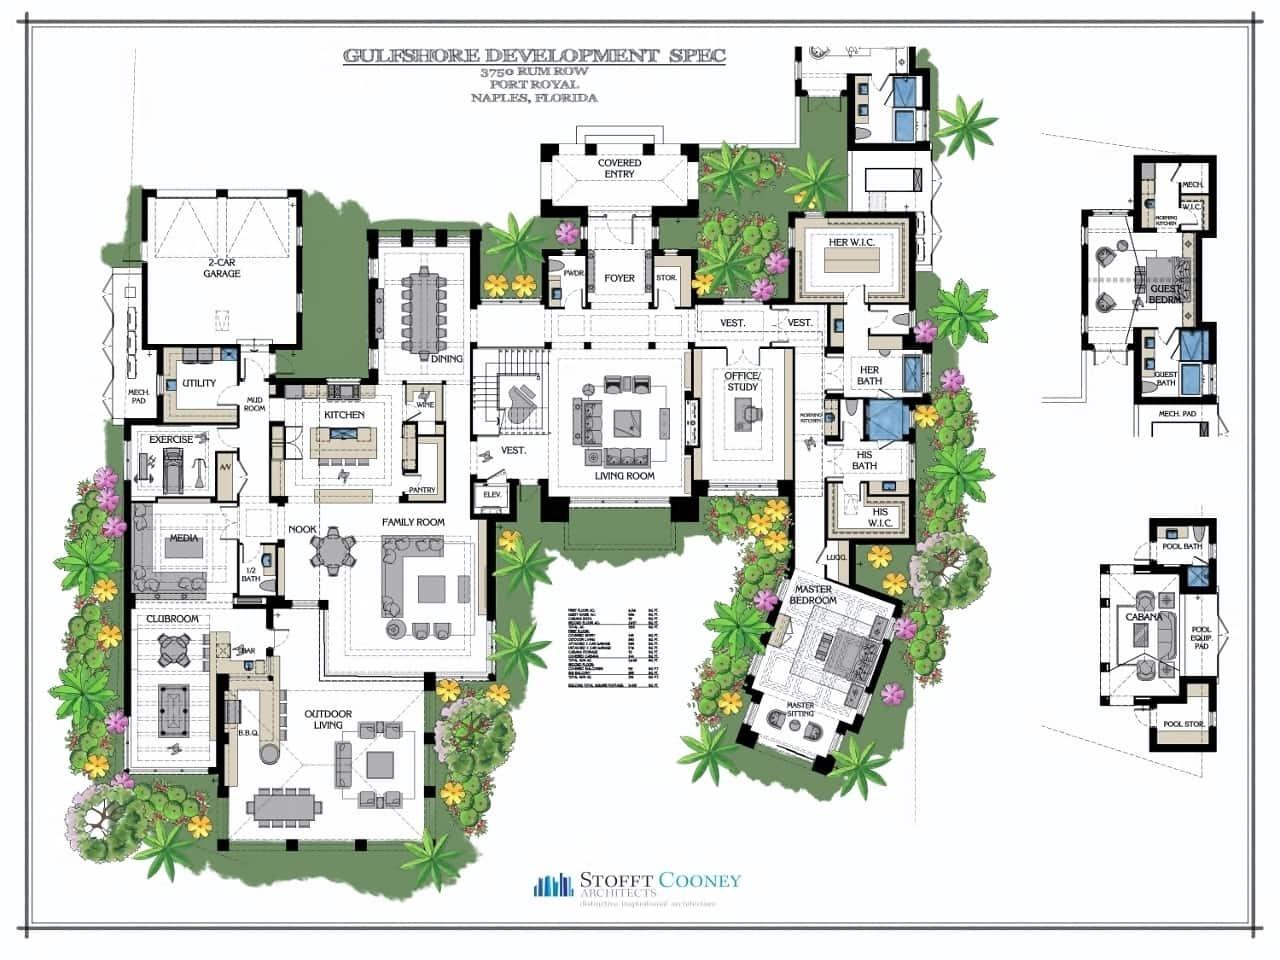 Downstairs Floor Plan - 3750 Rum Row, Naples